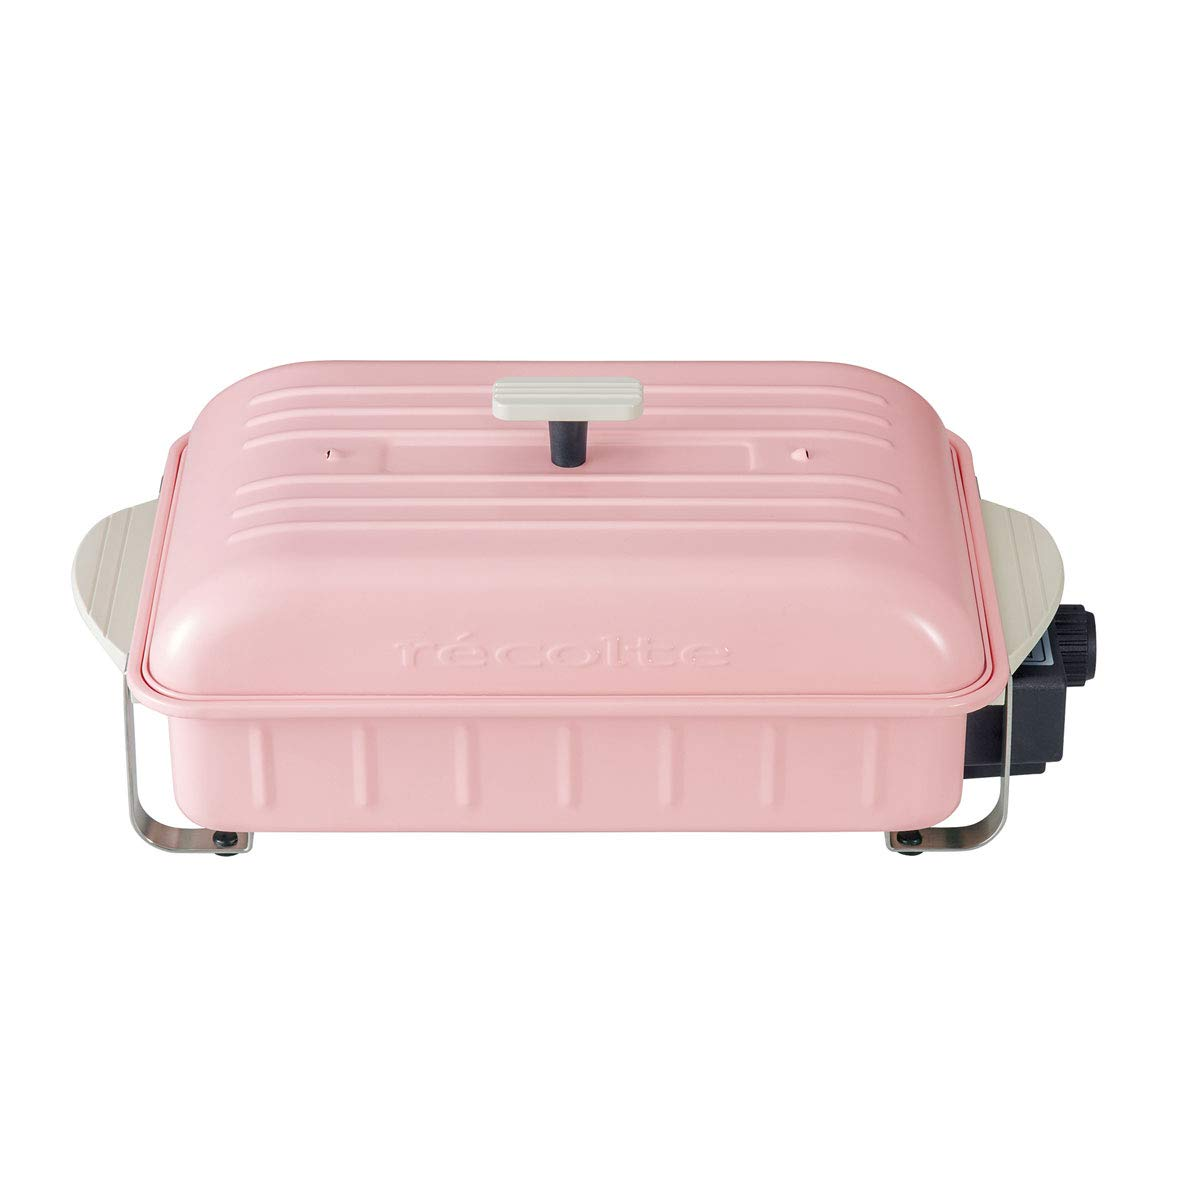 ホームバーベキュー たこ焼きプレート付きSET (ピンク)  ピンク B07LH7GM9C